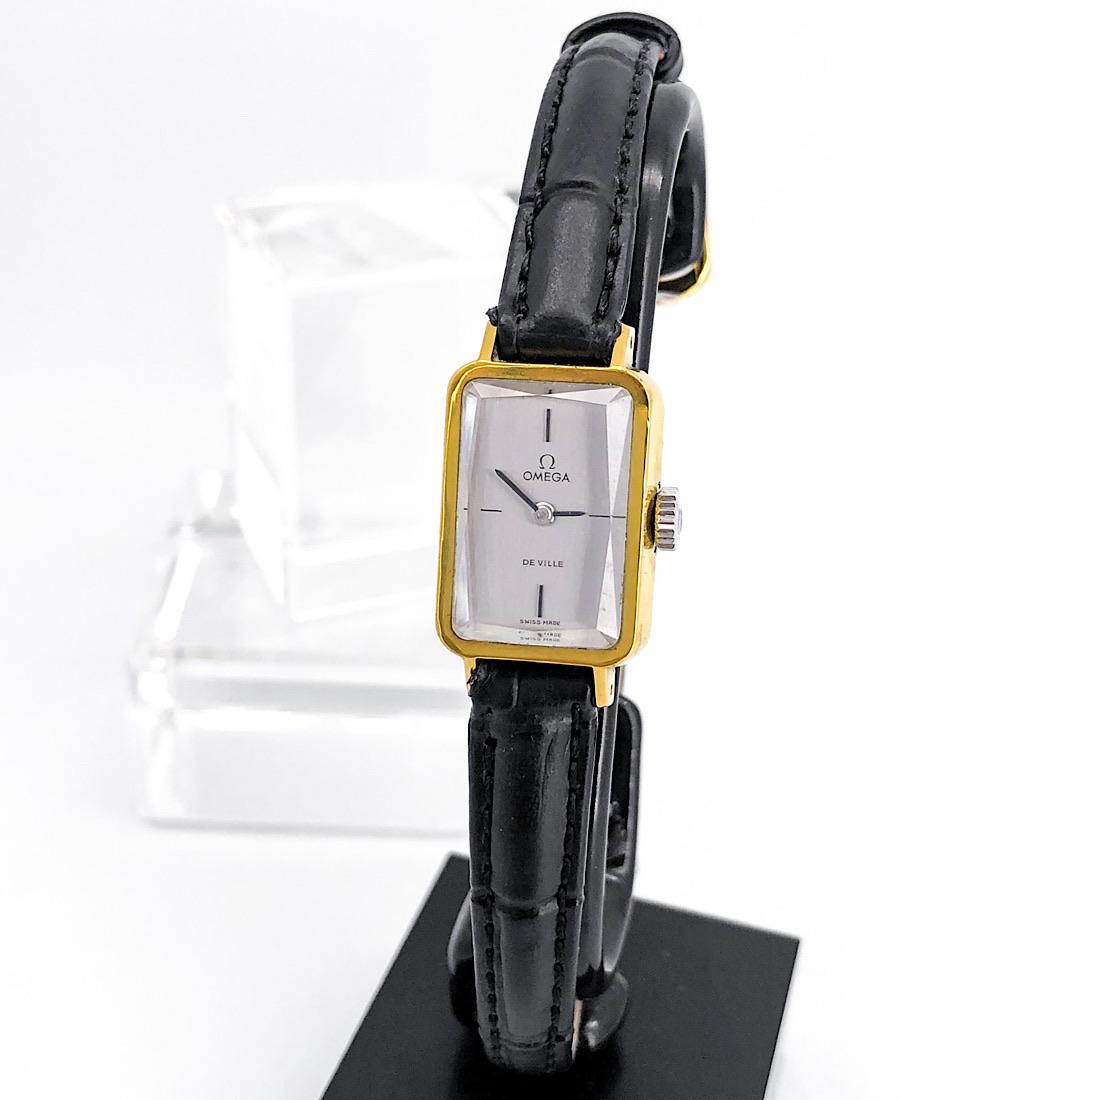 【OH済/仕上済】オメガ OMEGA デビル カットガラス ゴールド レディース 腕時計 時計【中古】【送料無料】